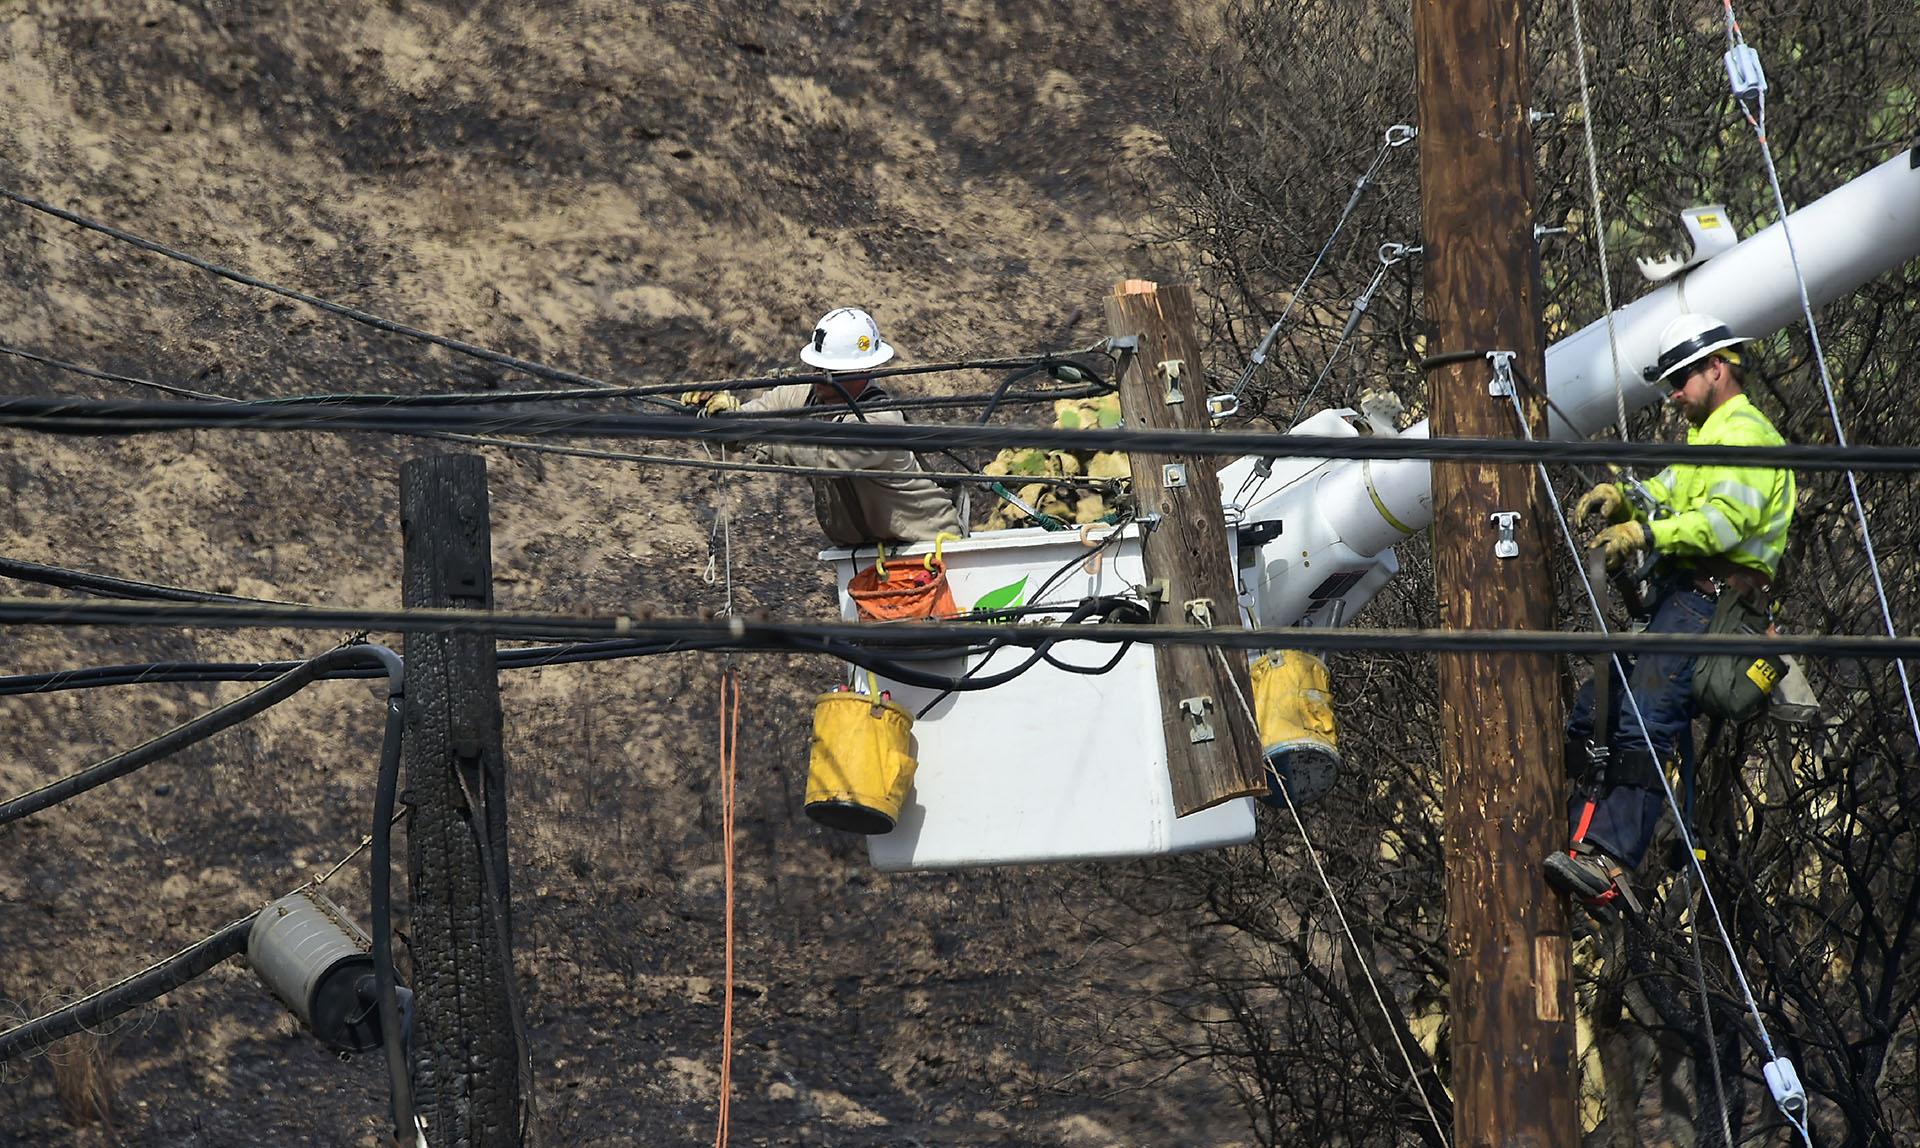 Trabajadores intentan recomponer el tendido eléctrico afectado por el fuego